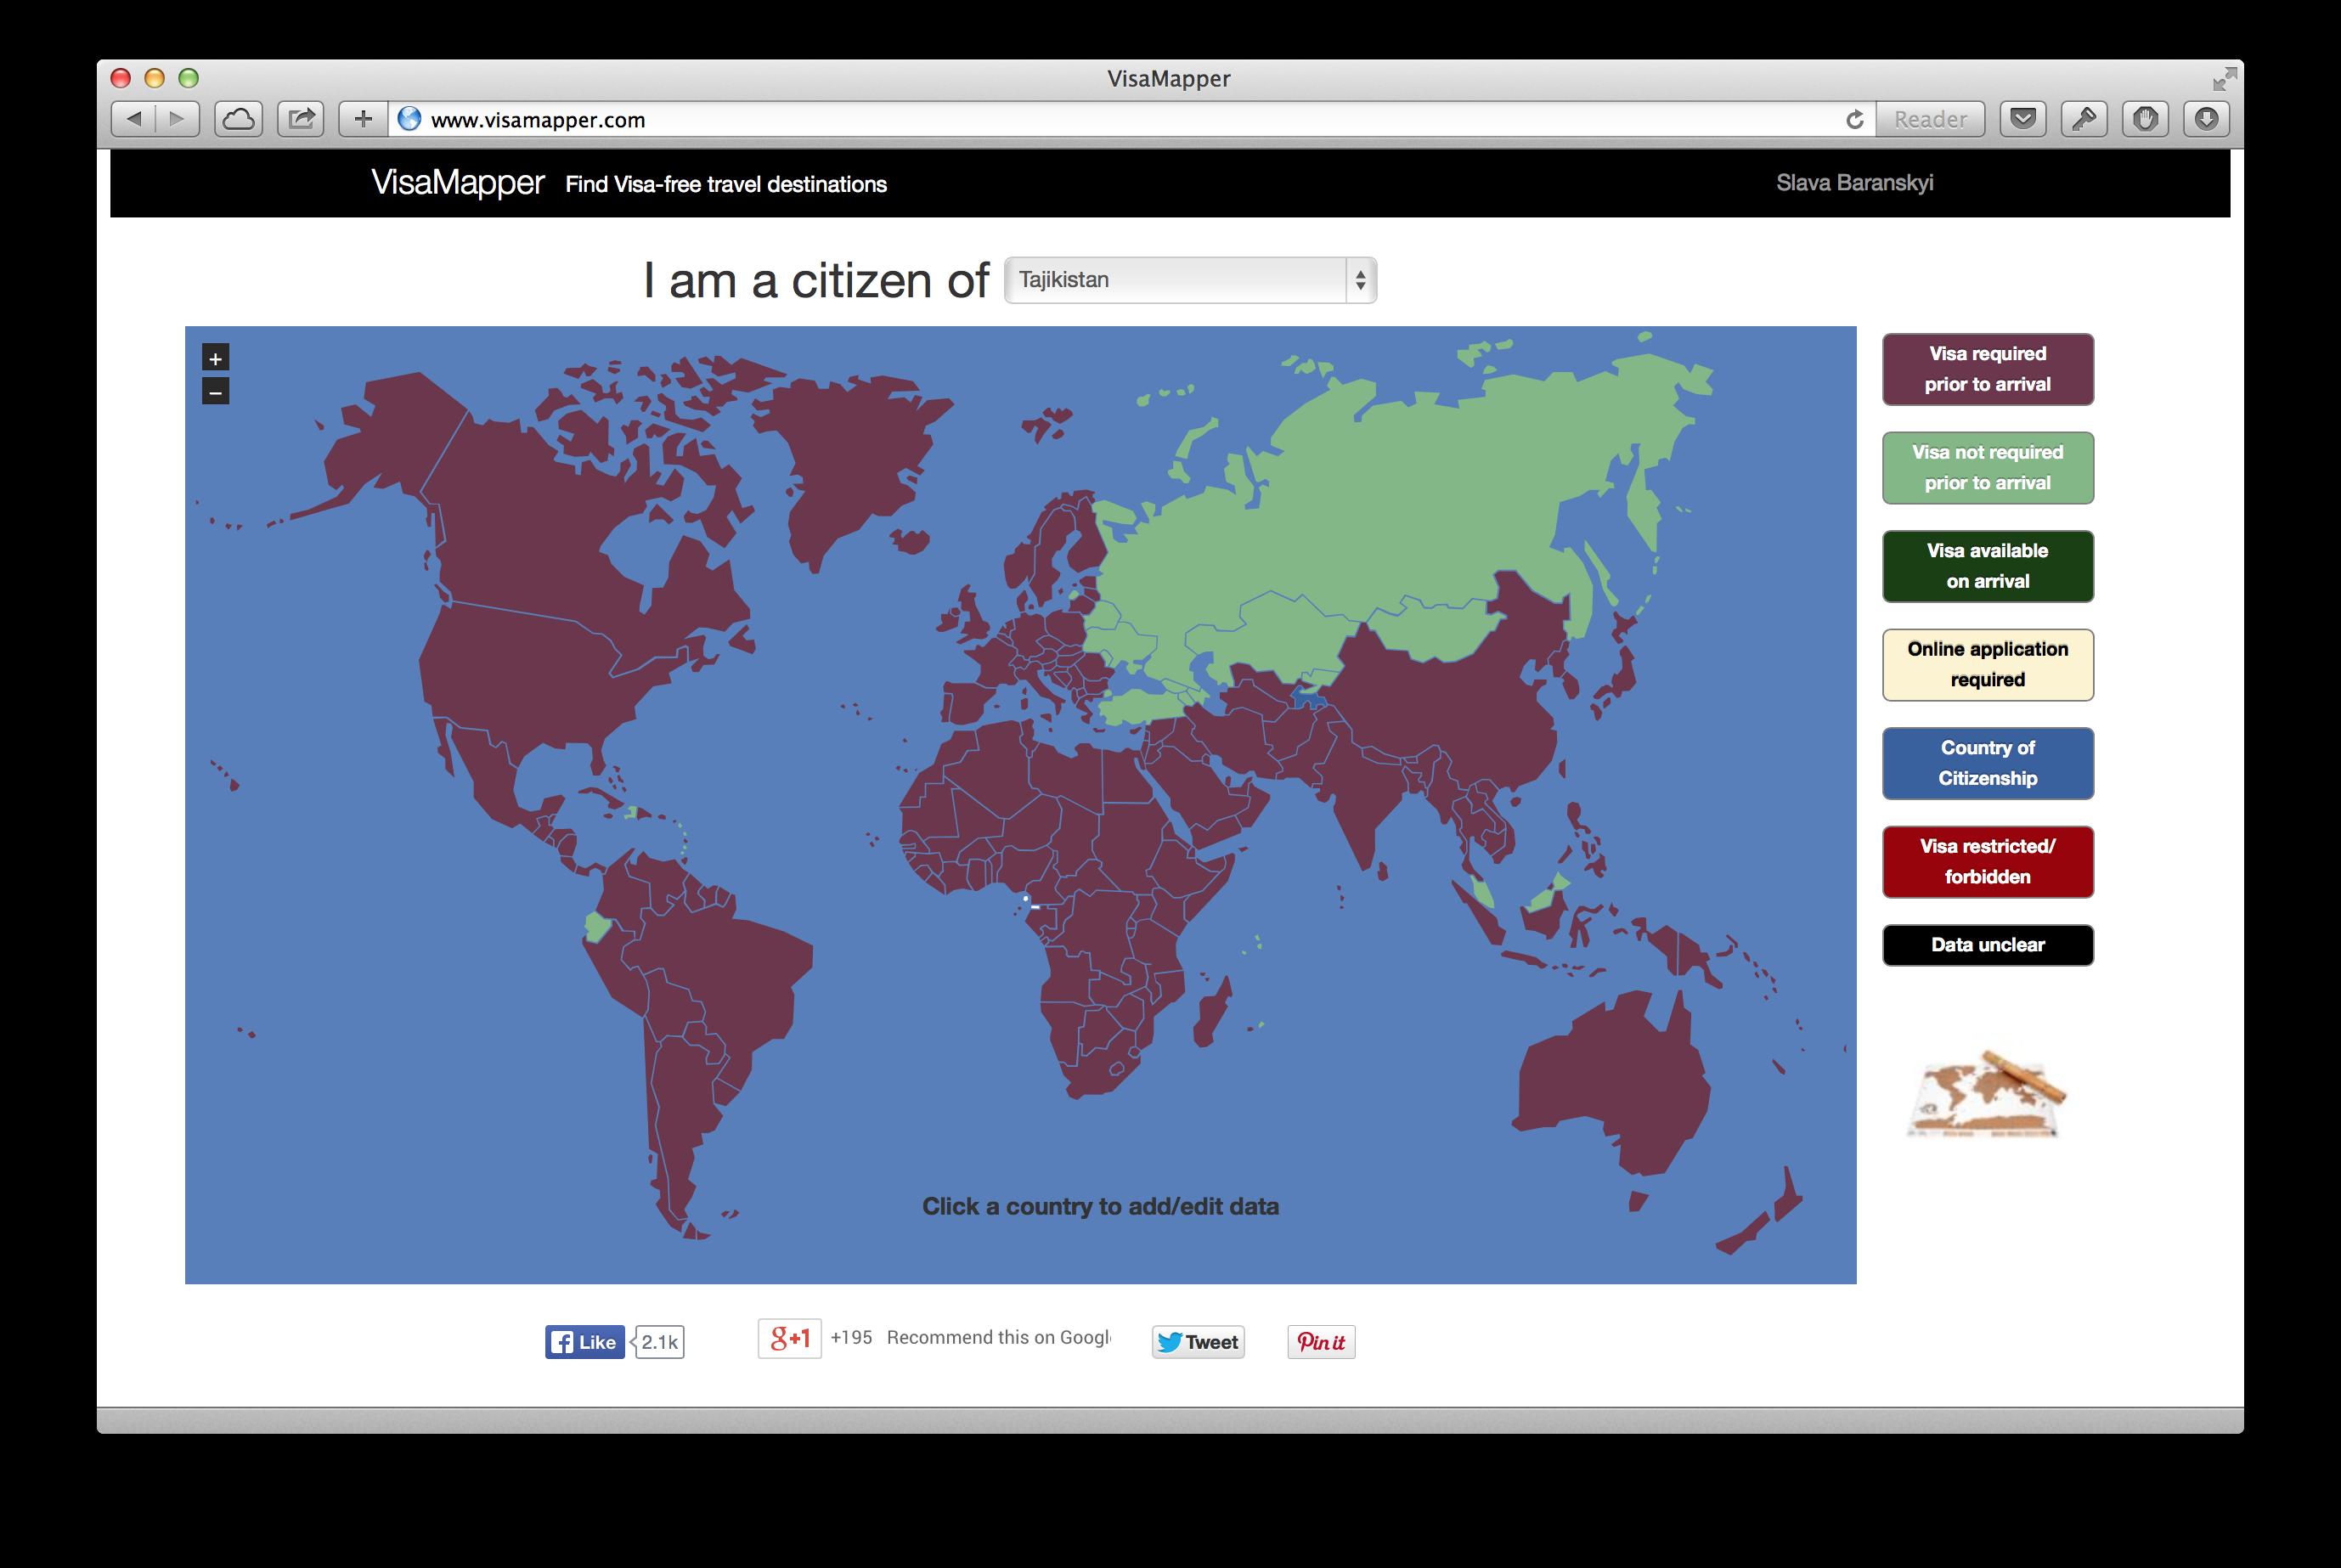 Как узнать визовый режим любой страны мира, если вы гражданин России, Украины, Белоруссии, Казахстана, …